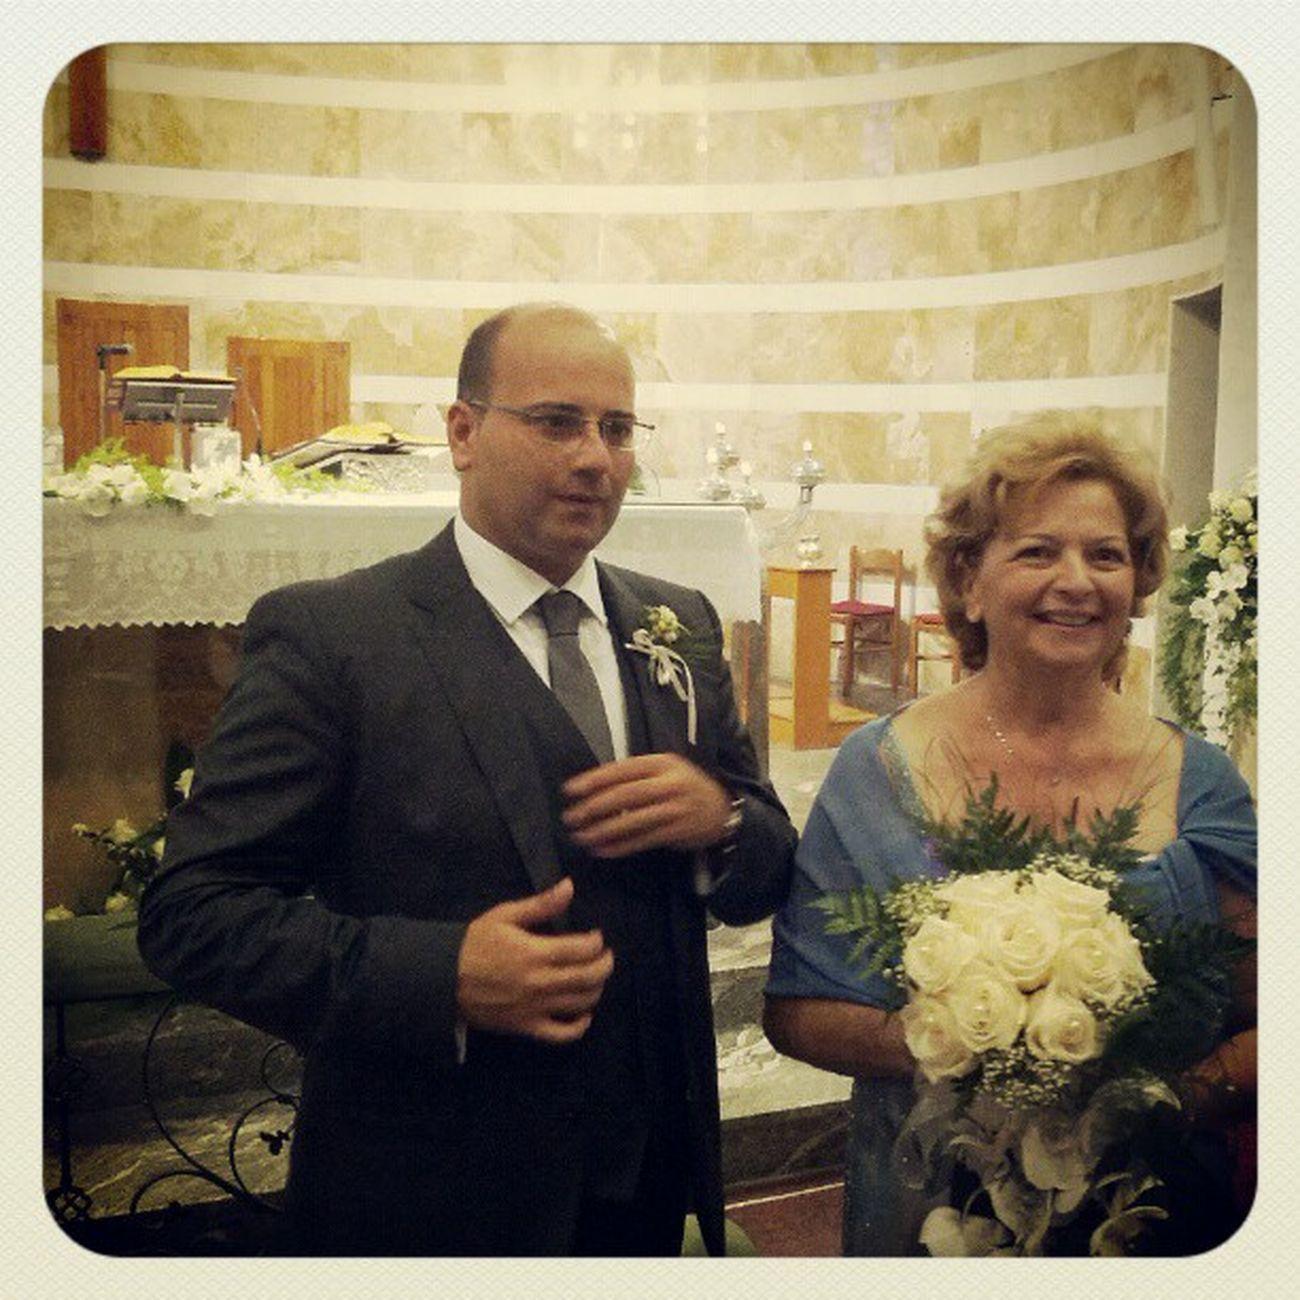 Gente che si sposa a momenti